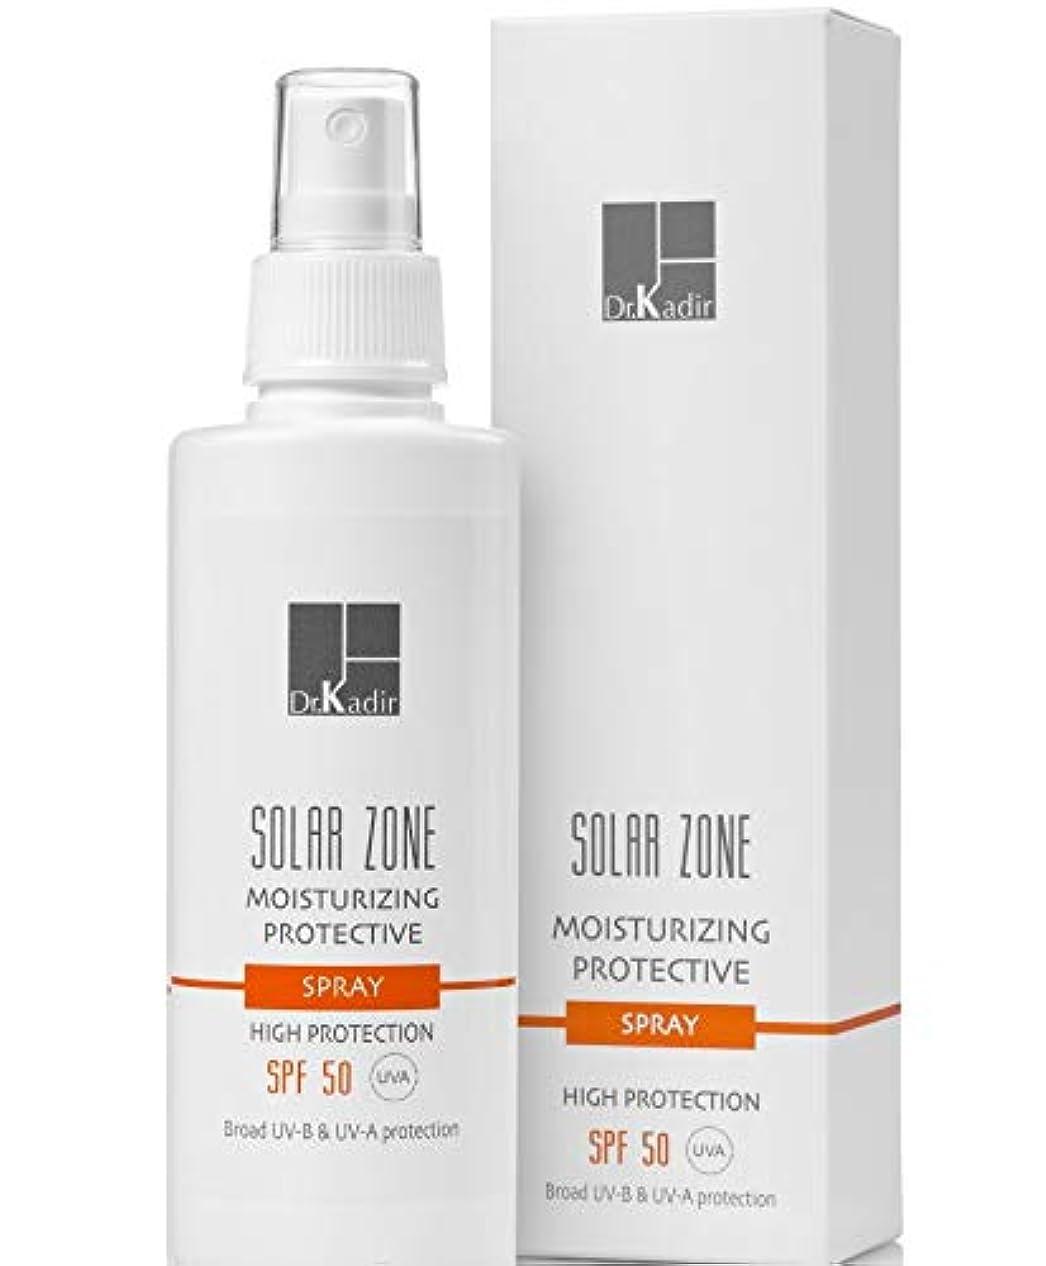 リーン内陸恥ずかしさDr. Kadir Solar Zone Moisturizing Protective Spray SPF 50 125ml